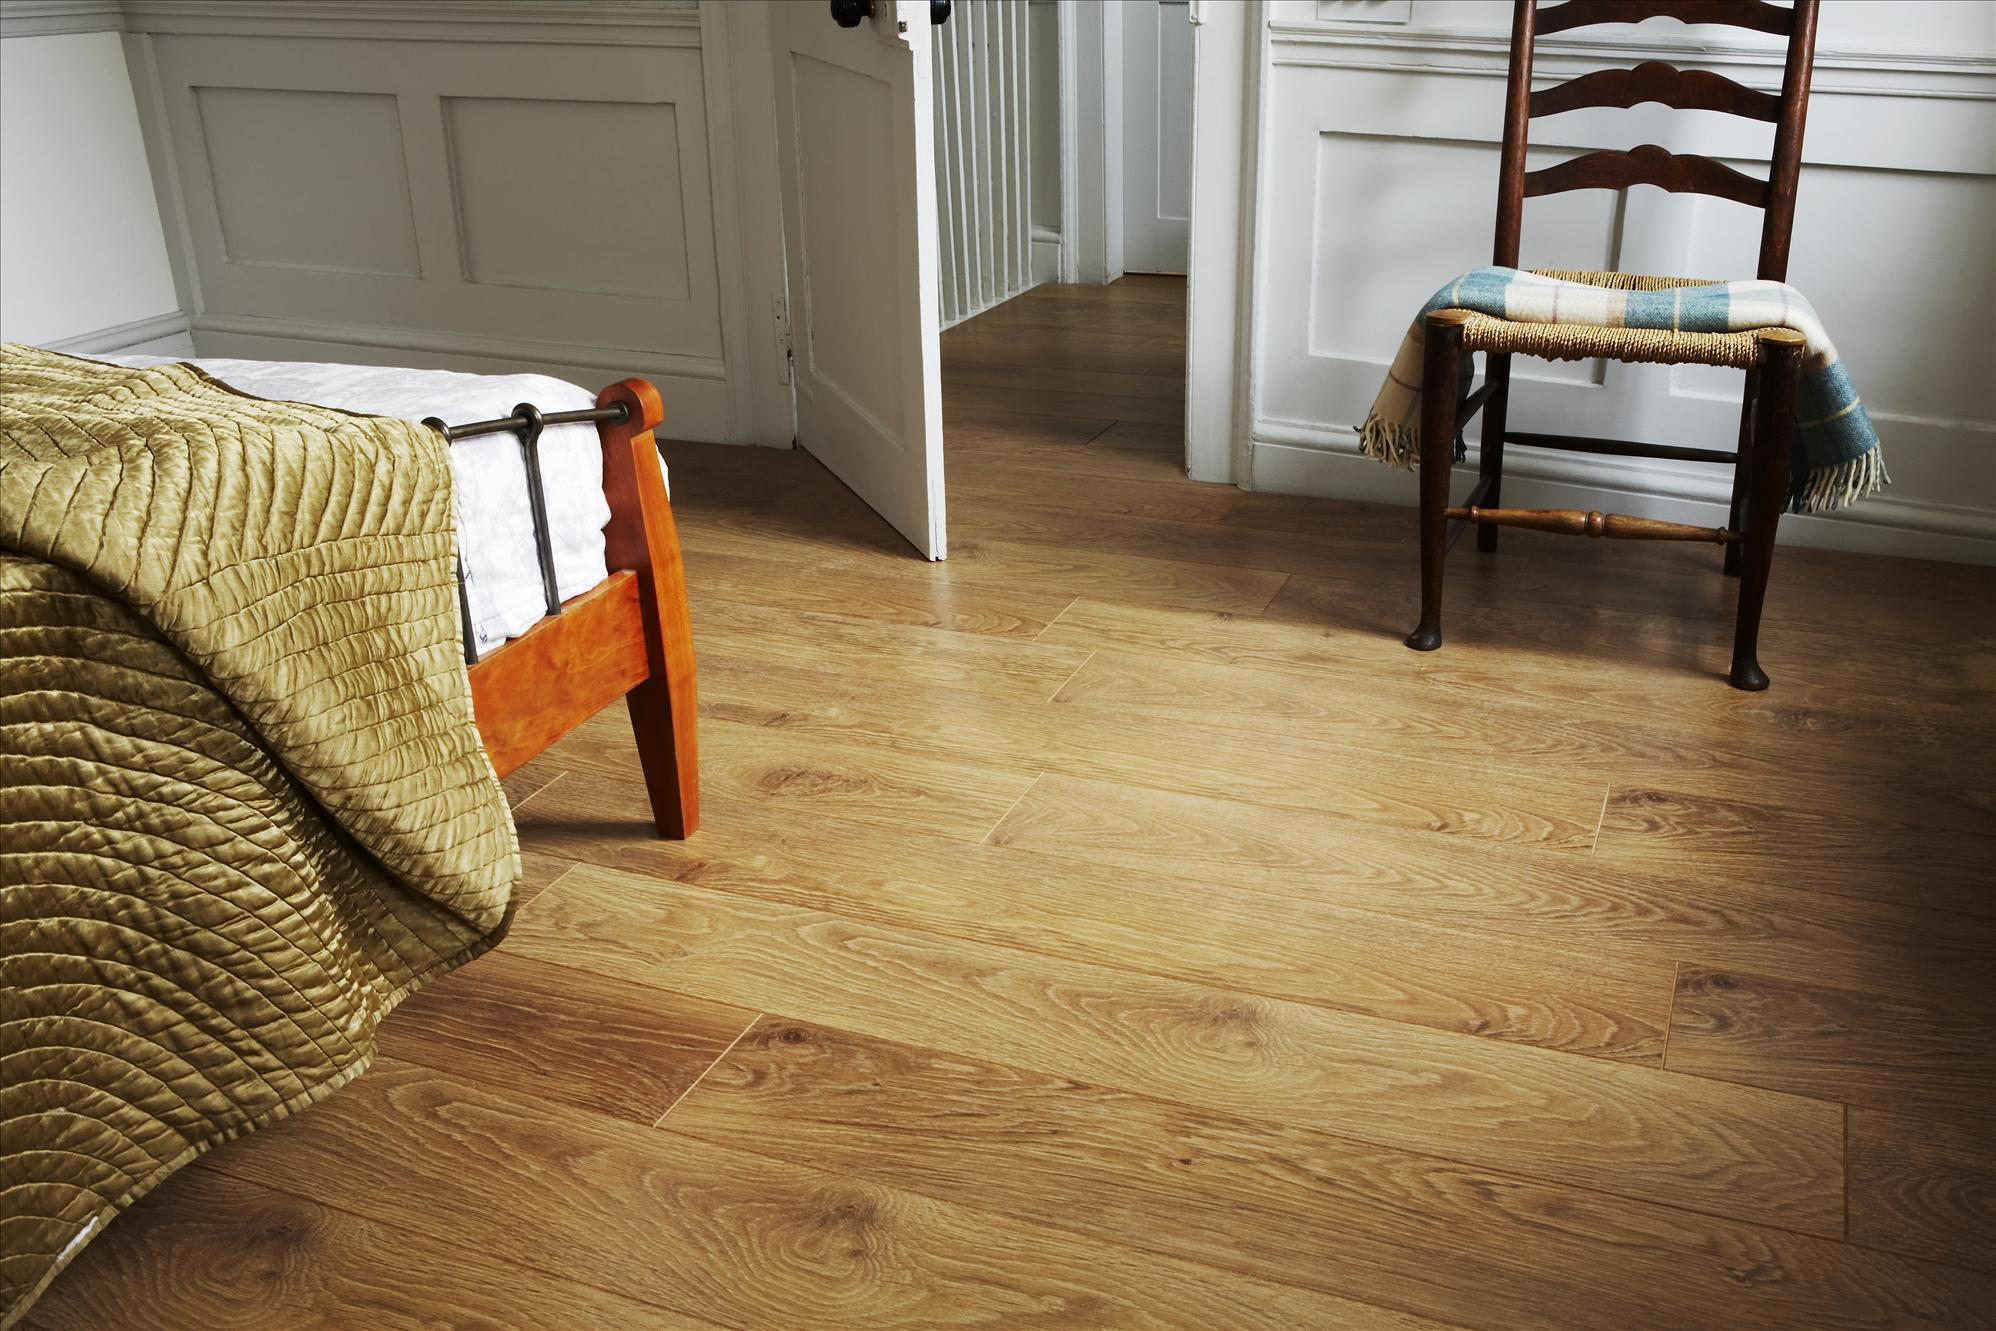 Напольные покрытия для дома и квартиры - разновидности и выбор покрытия в зависимости от помещения